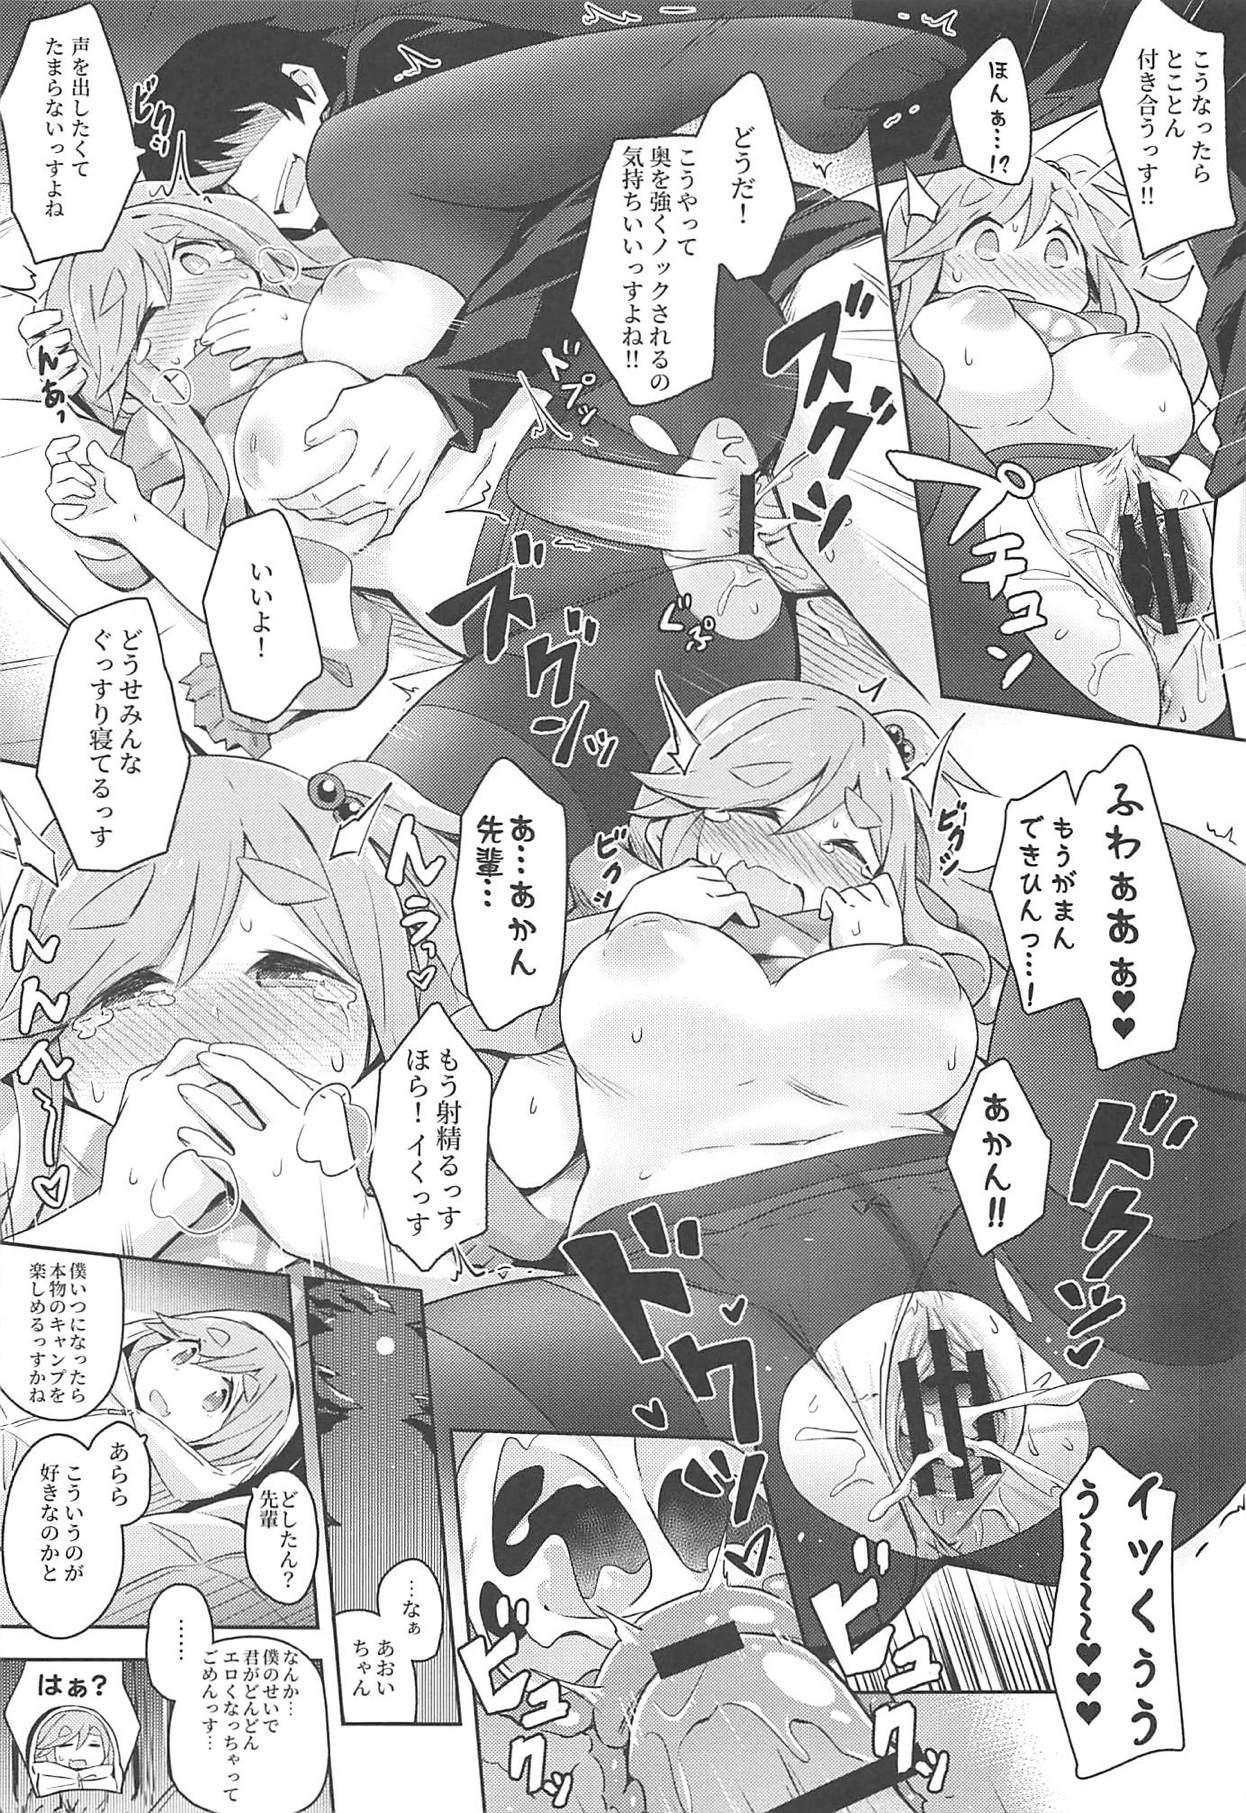 Tent-nai de Osarezu Yoku ni Mamireta Kokoro 11